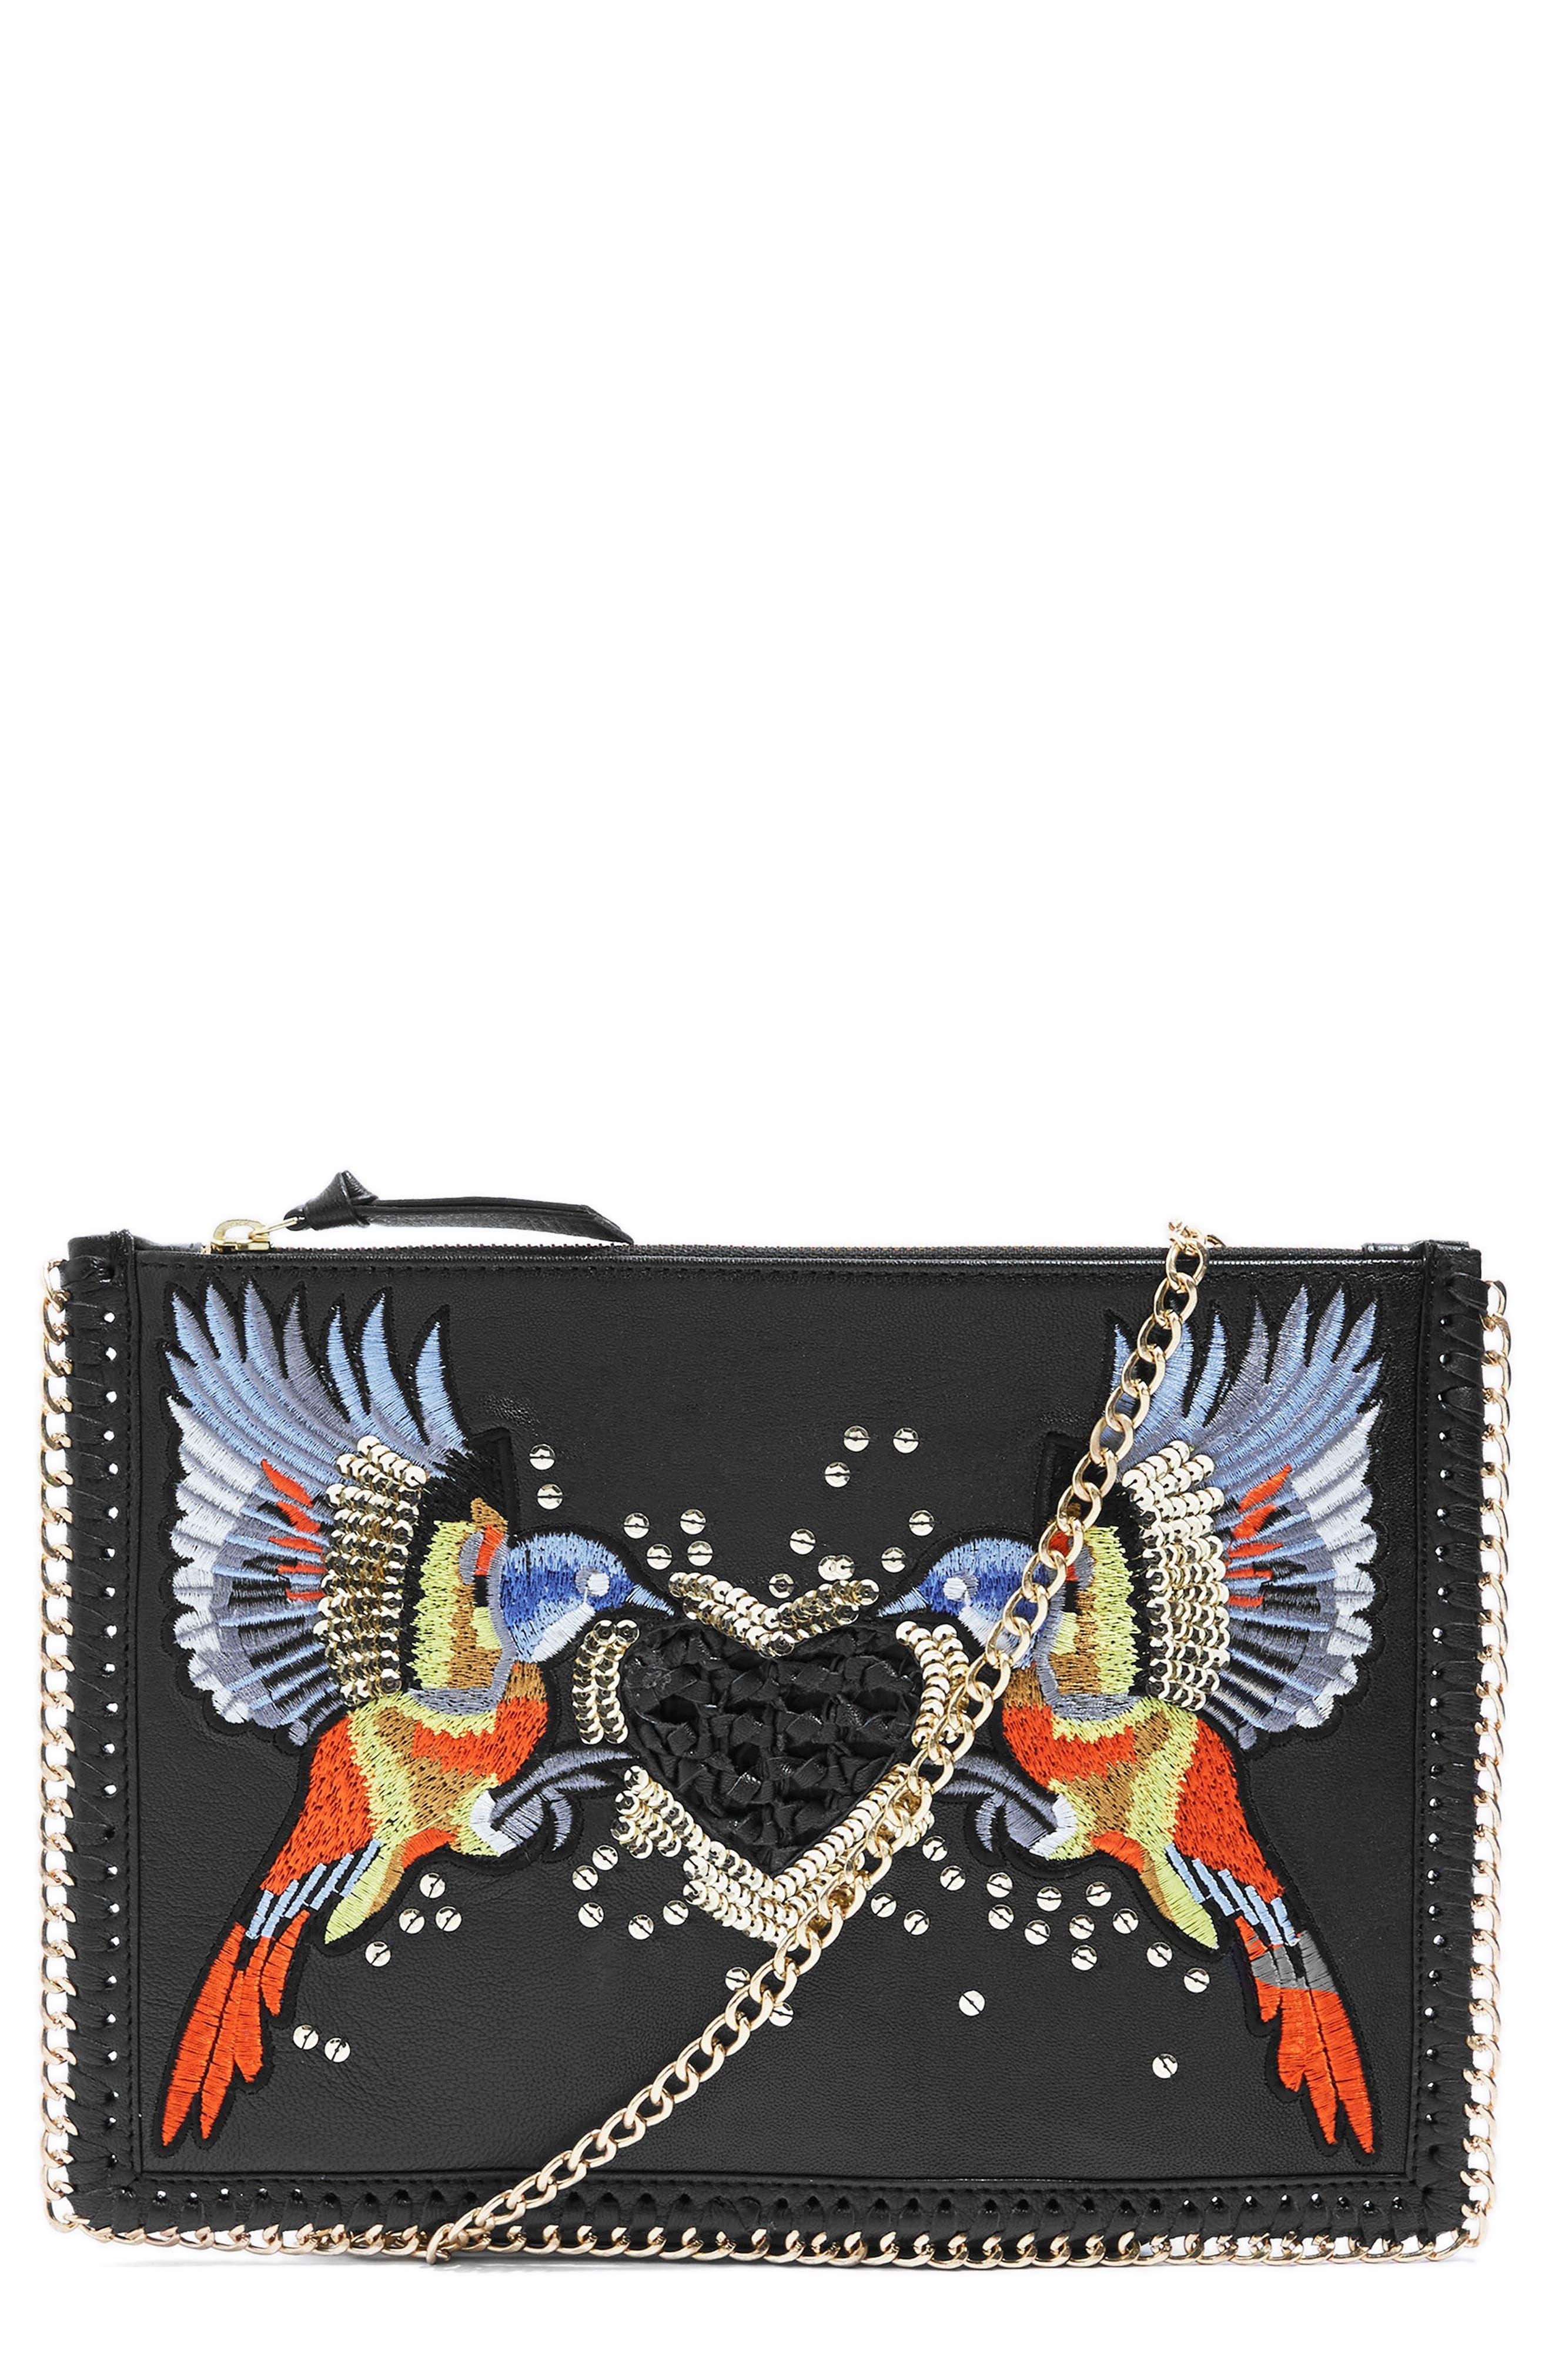 Topshop Embellished Leather Shoulder Bag